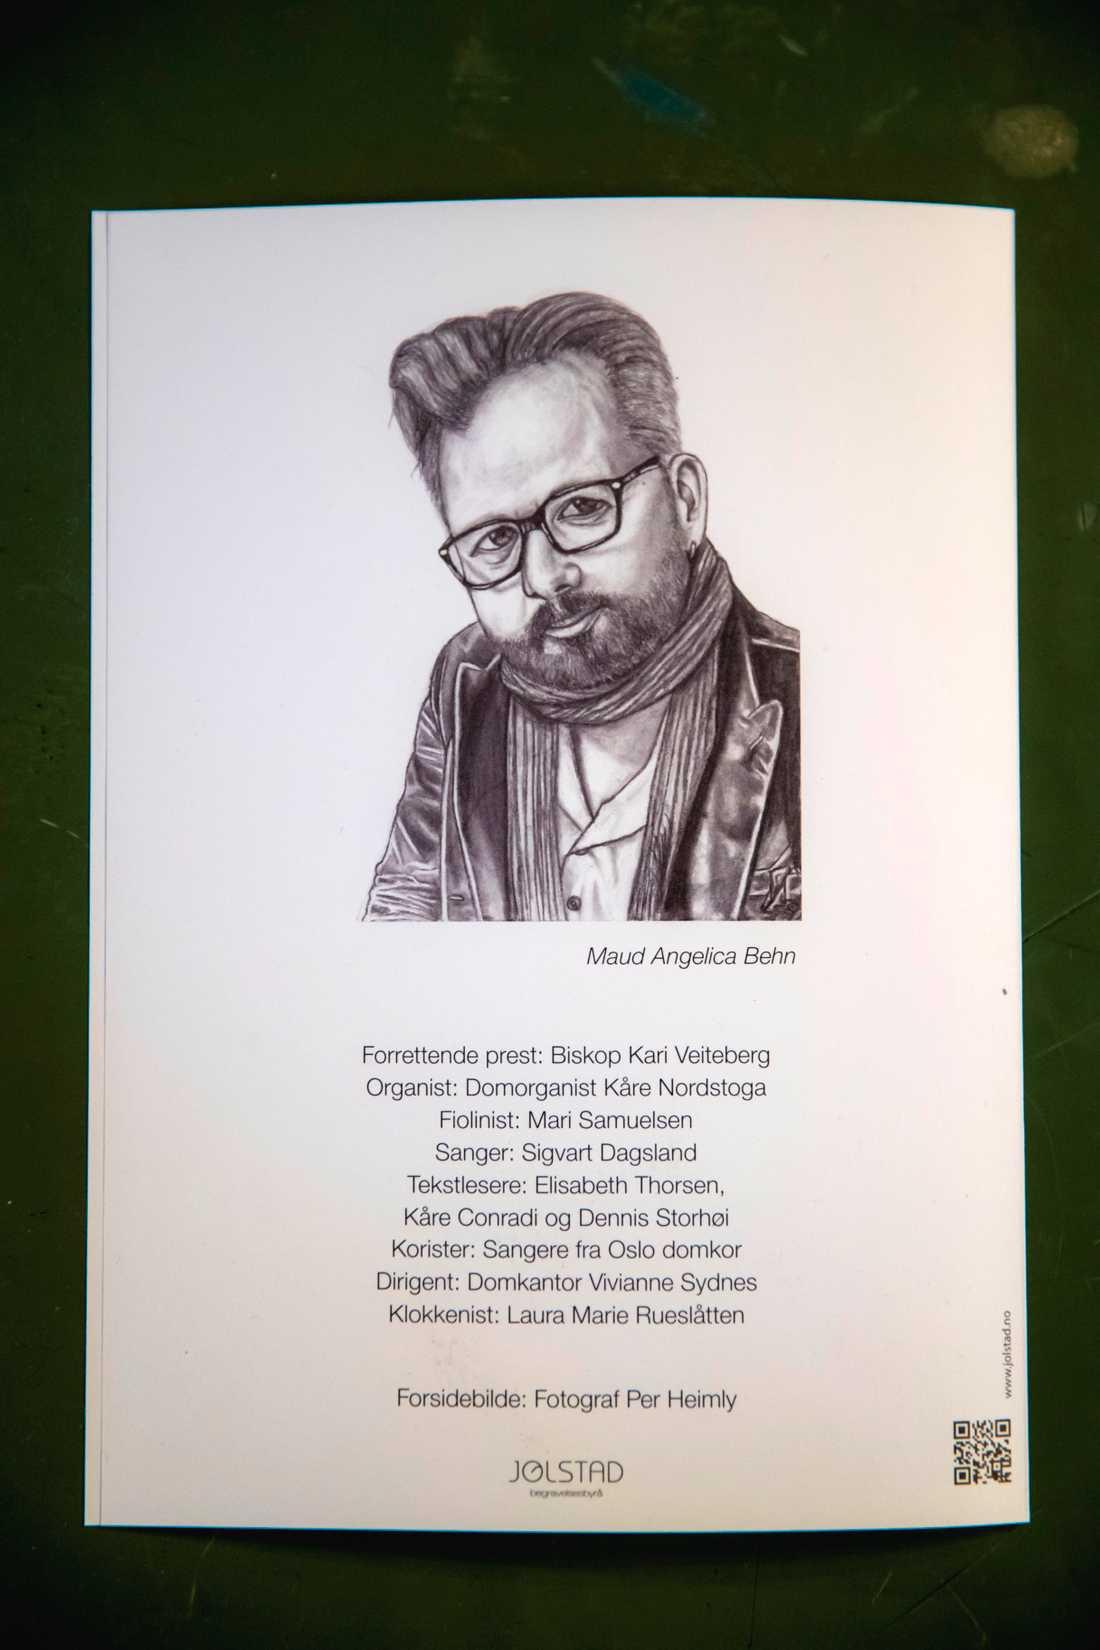 Maud Angelica ställer ett inramat tecknat porträtt av sin pappa på kistan – samma porträtt som pryder programbladet.